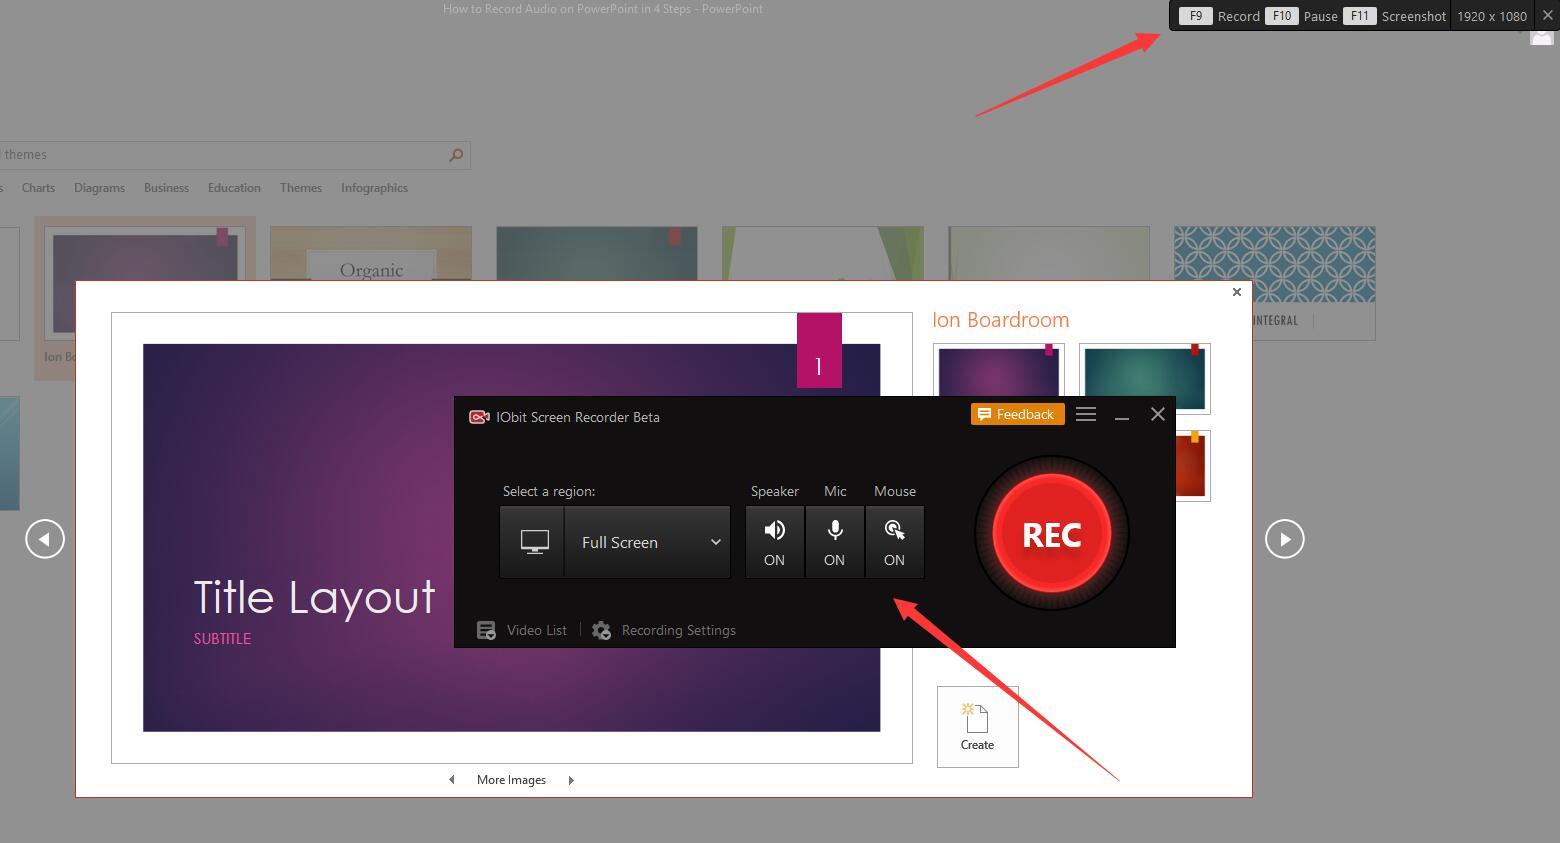 Jak nagrać dźwięk w PowerPoint w 4 krokach - krok 3 rozpocznij nagrywanie